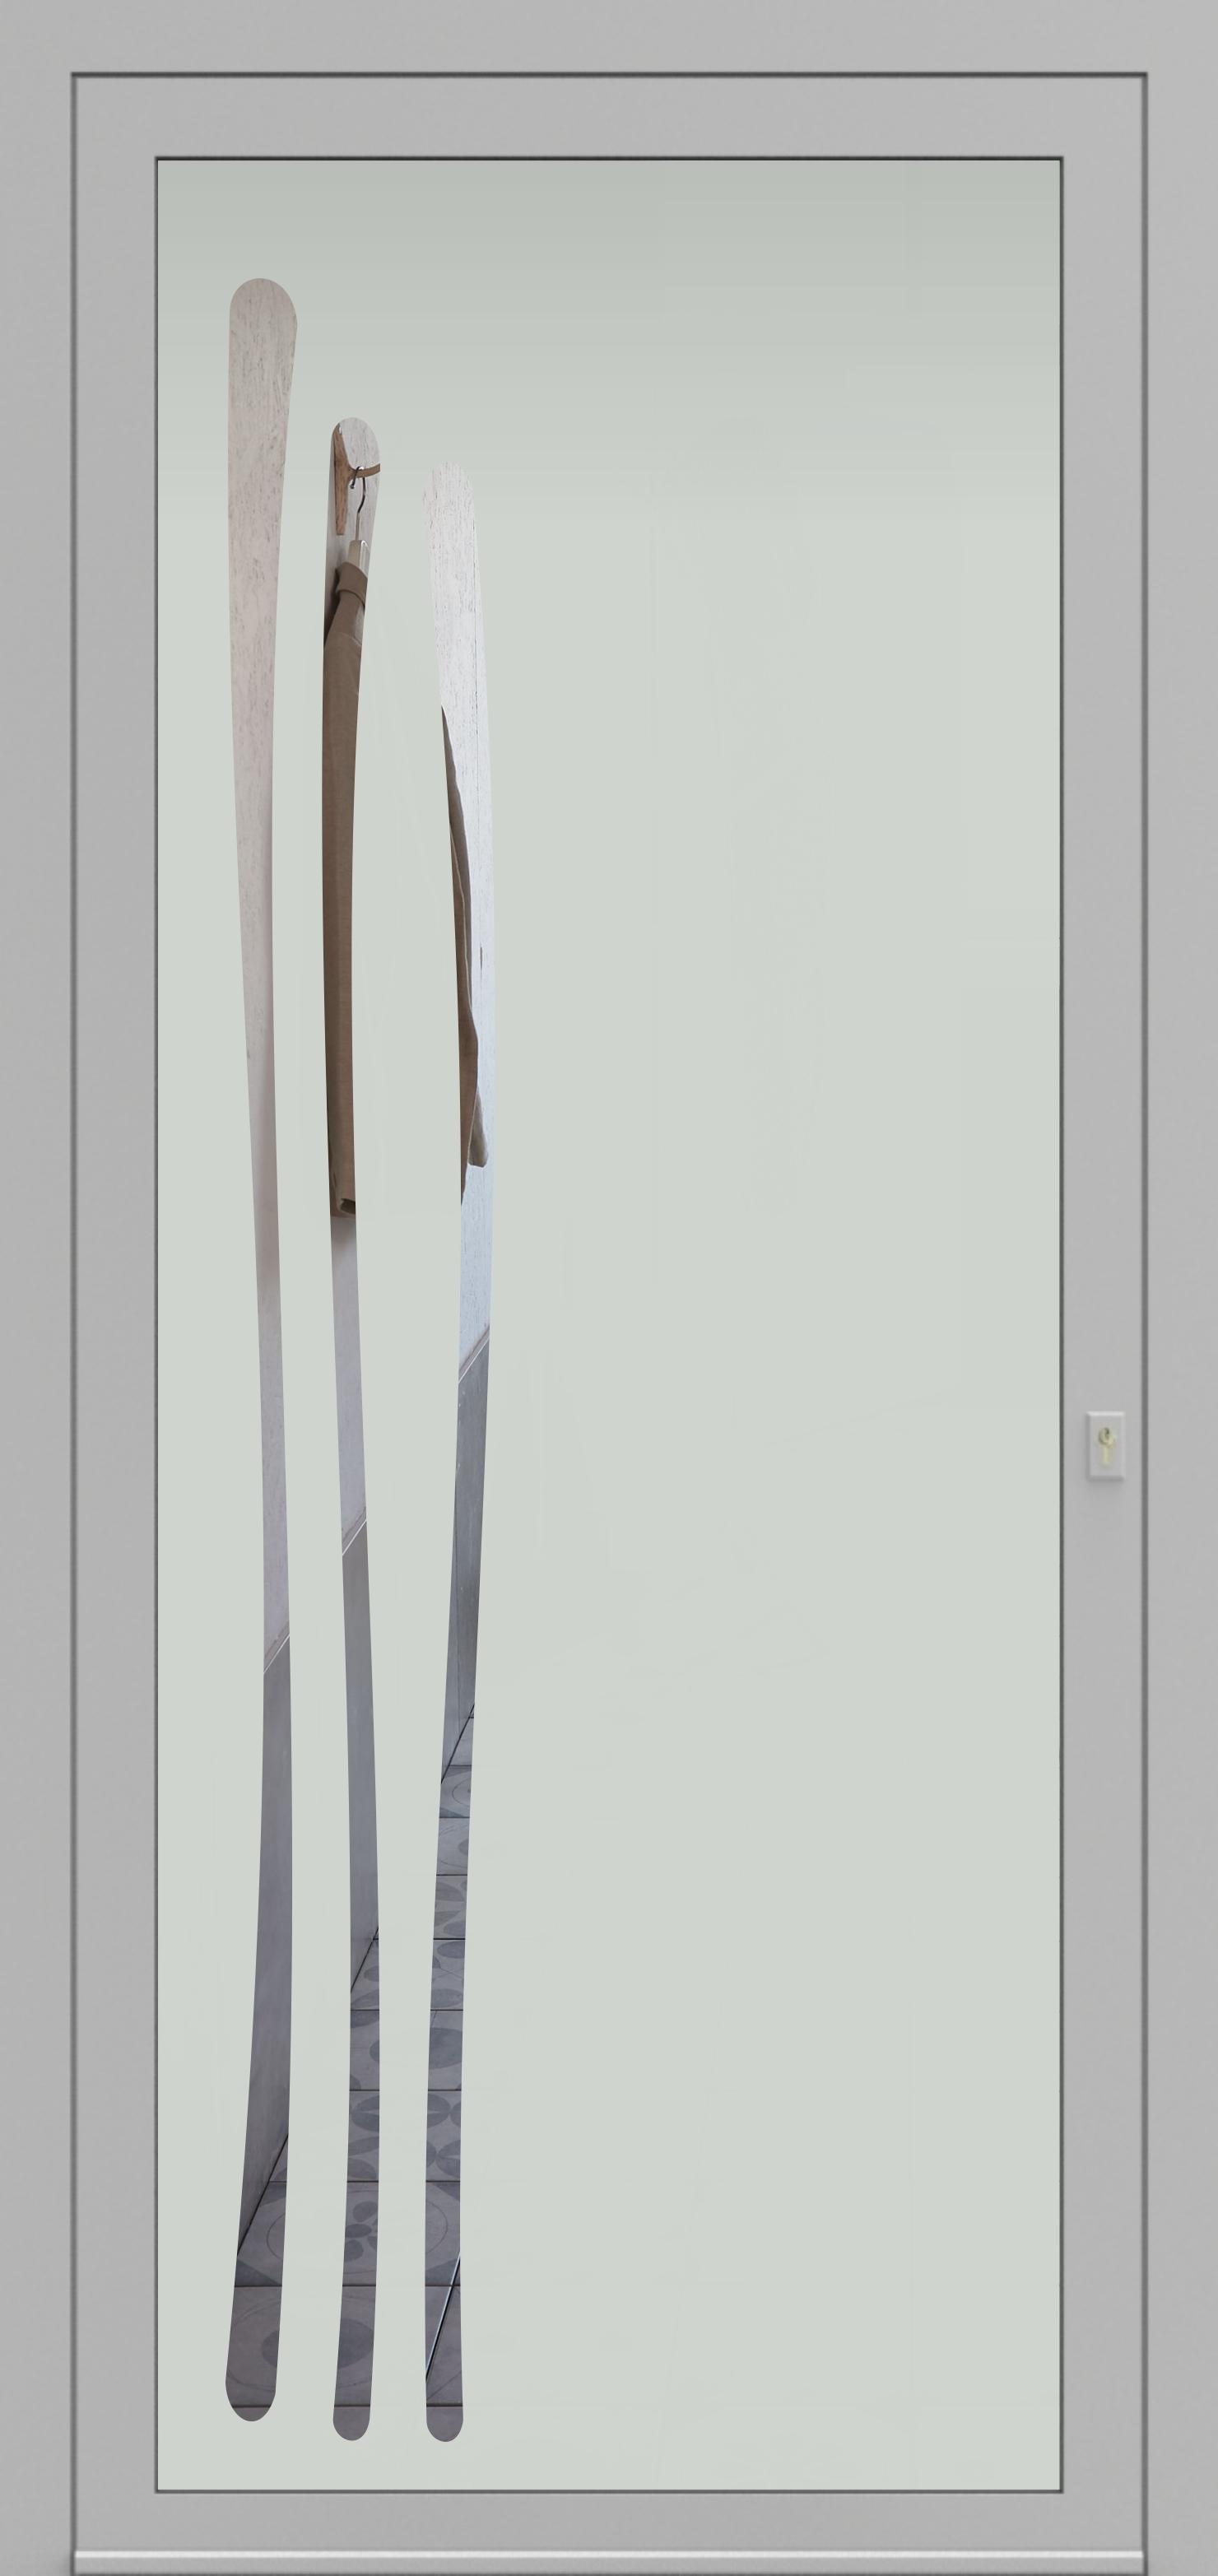 Porte d'entrée DECOVER 2/01 de la gamme Decover posée par les établissements CELEREAU à Roncq